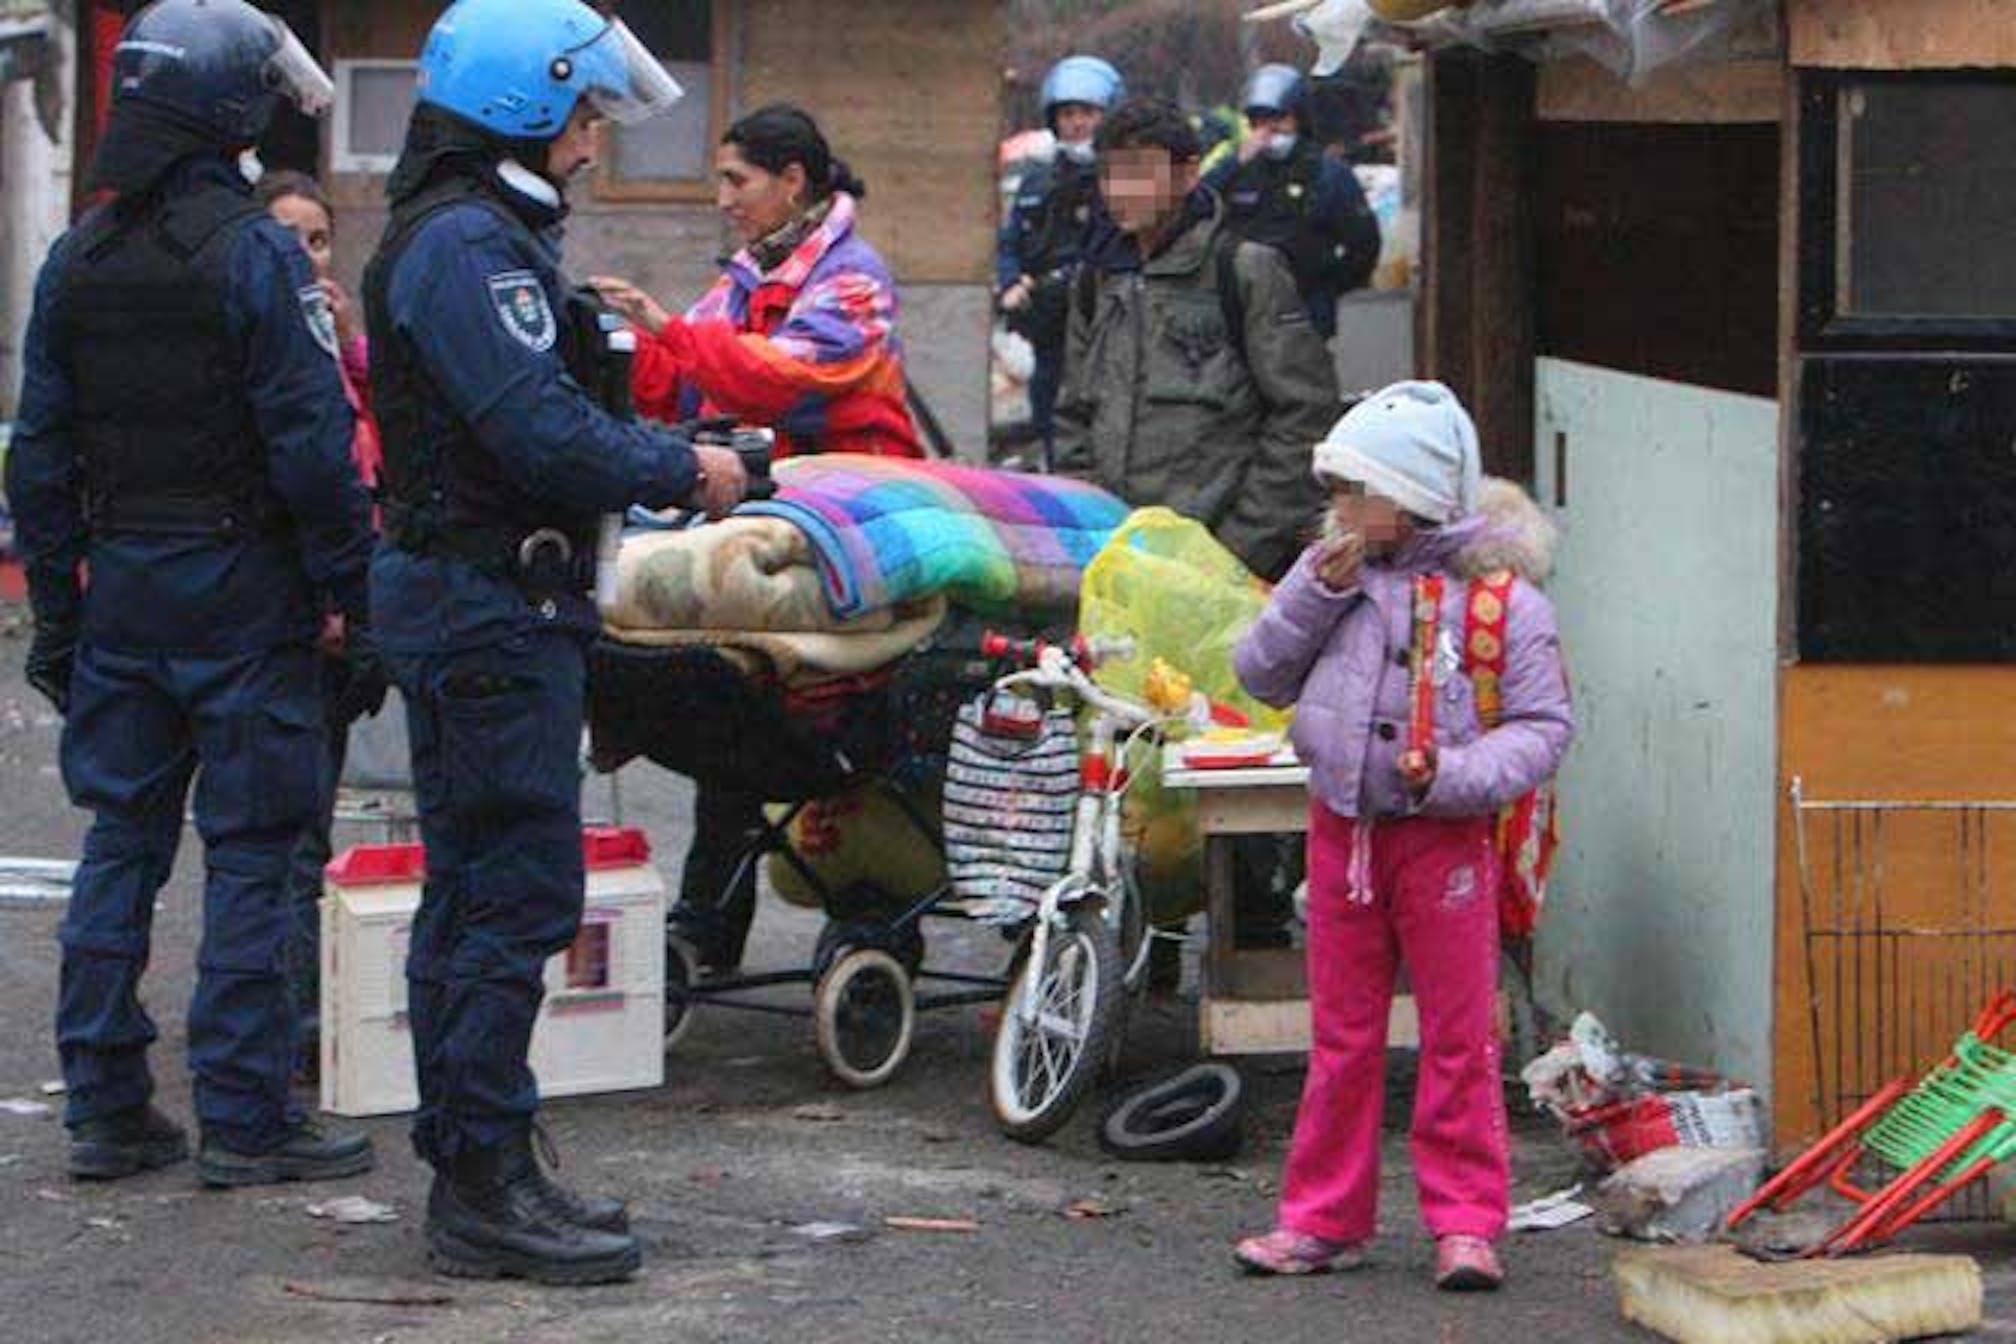 Lo sgombero di un campo nomadi a Roma. Il trattamento dei minorenni Rom è una delle aree di criticità segnalate all'Italia dal Comitato ONU sui Diritti dell'Infanzia